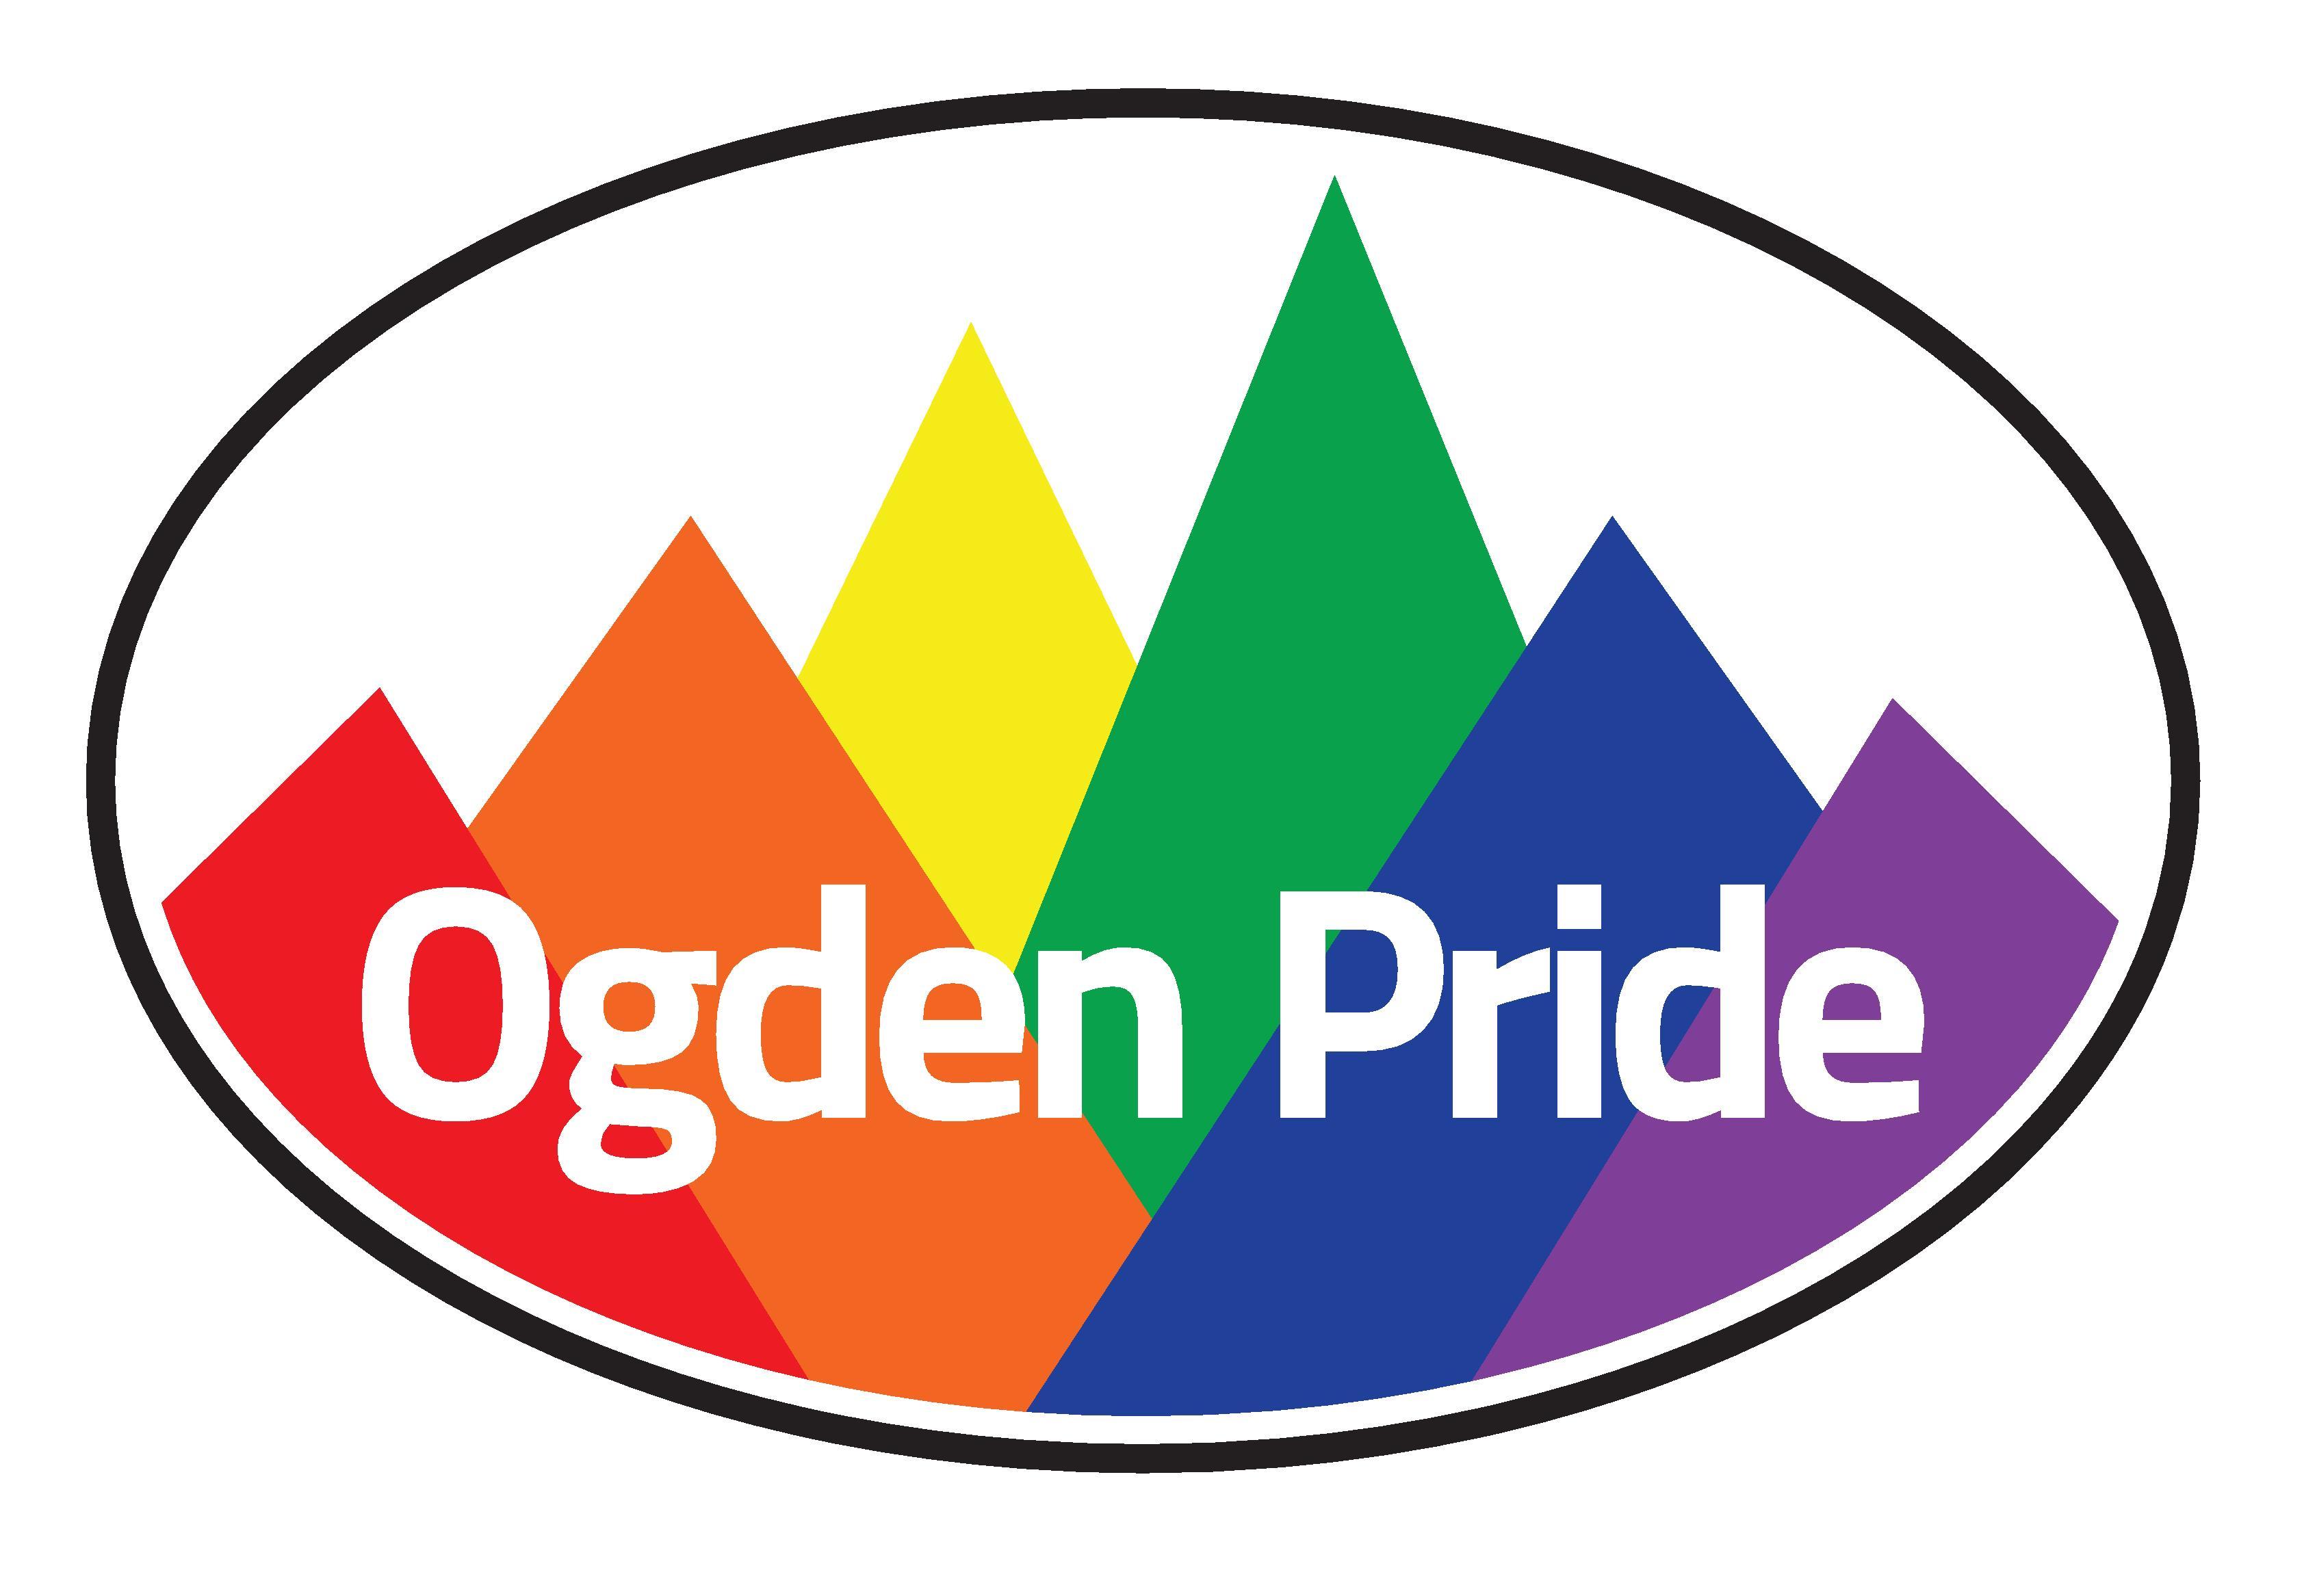 OgdenPride_RebrandLogo-page-001.jpg